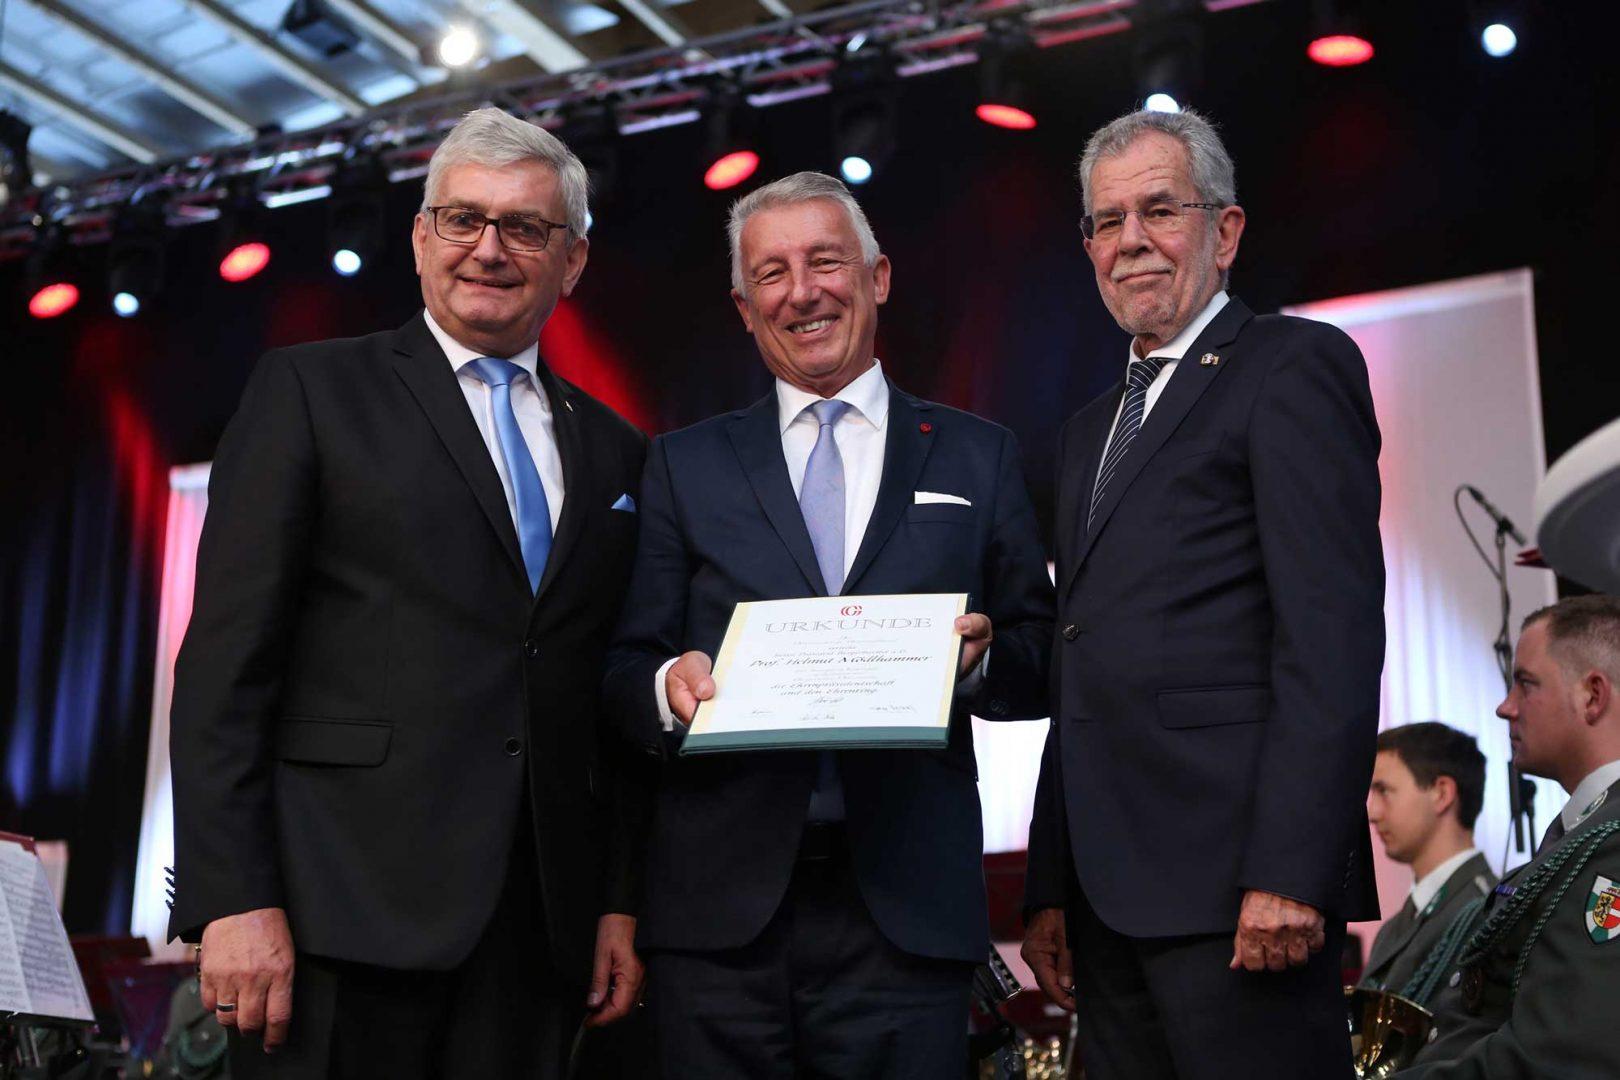 Gemeindebund-Präsident Alfred Riedl übergab Mödlhammer im Rahmen der Haupttagung auch den Ehrenring und die Urkunde für die Ehrenpräsidentschaft. ©Schuller